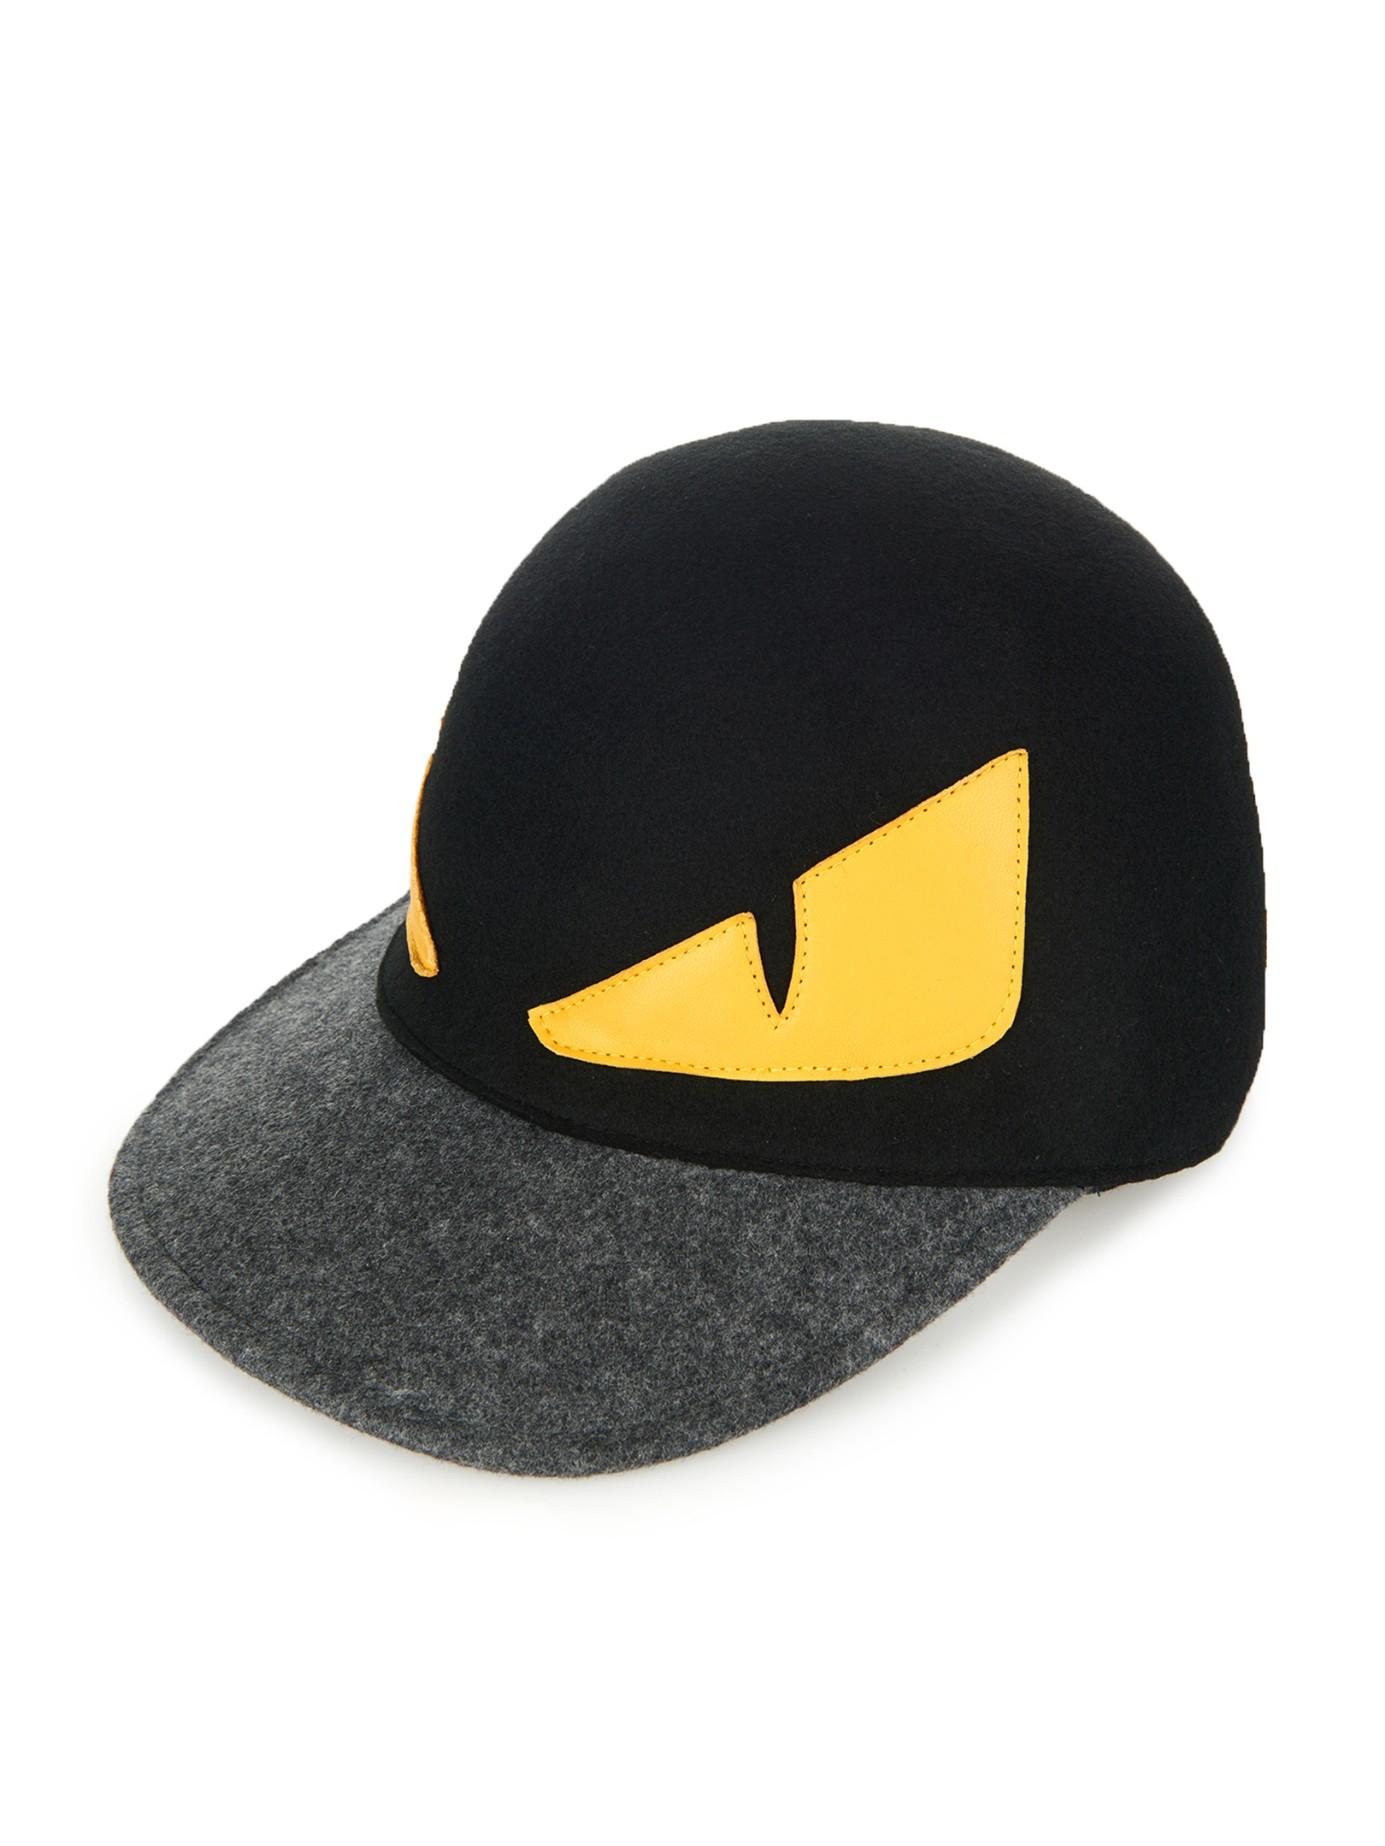 Lyst - Fendi Monster Eyes Wool-Felt Cap in Black for Men 6e6a48c5b06